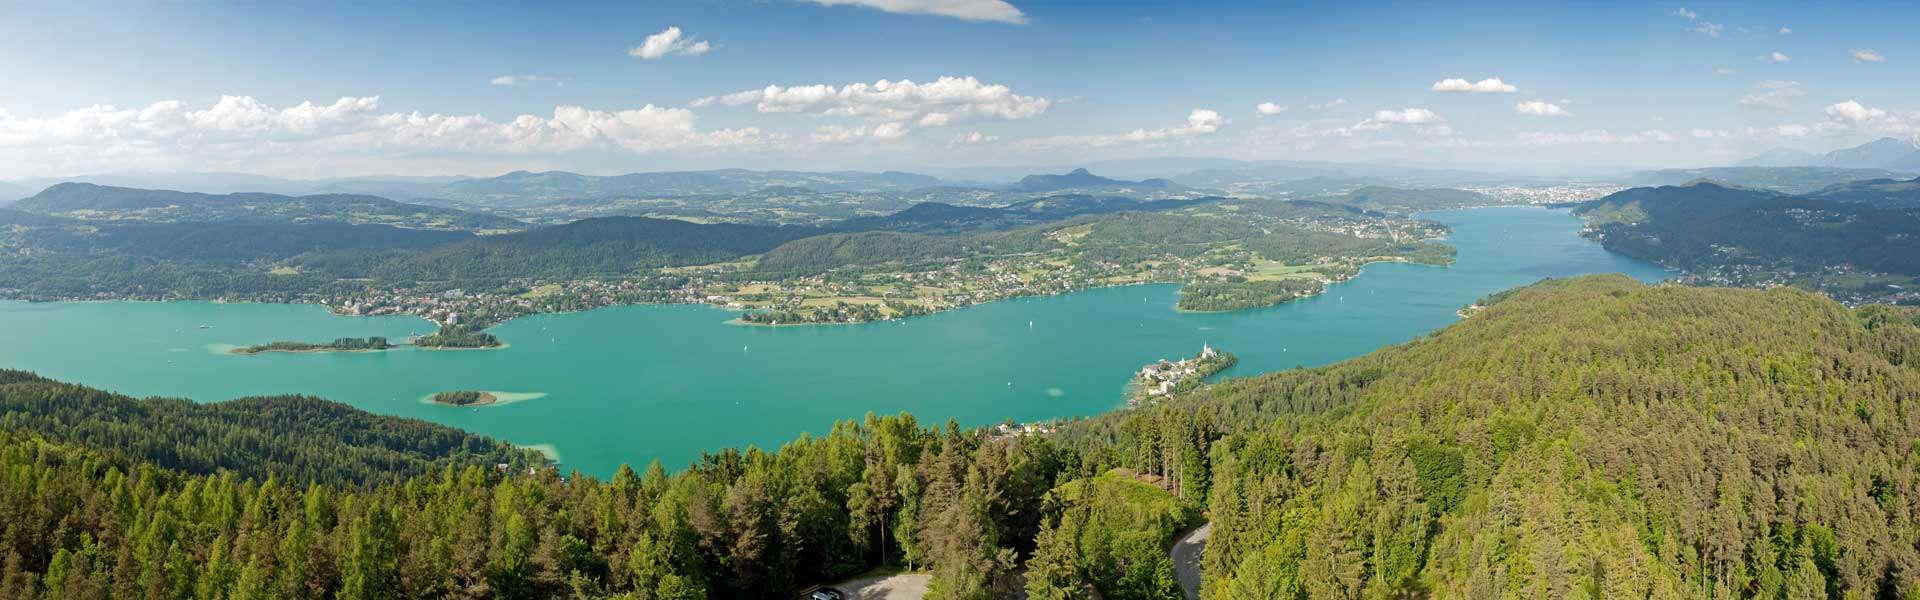 Ferien am Wörthersee in Österreich: Urlaub und Entspannung genießen